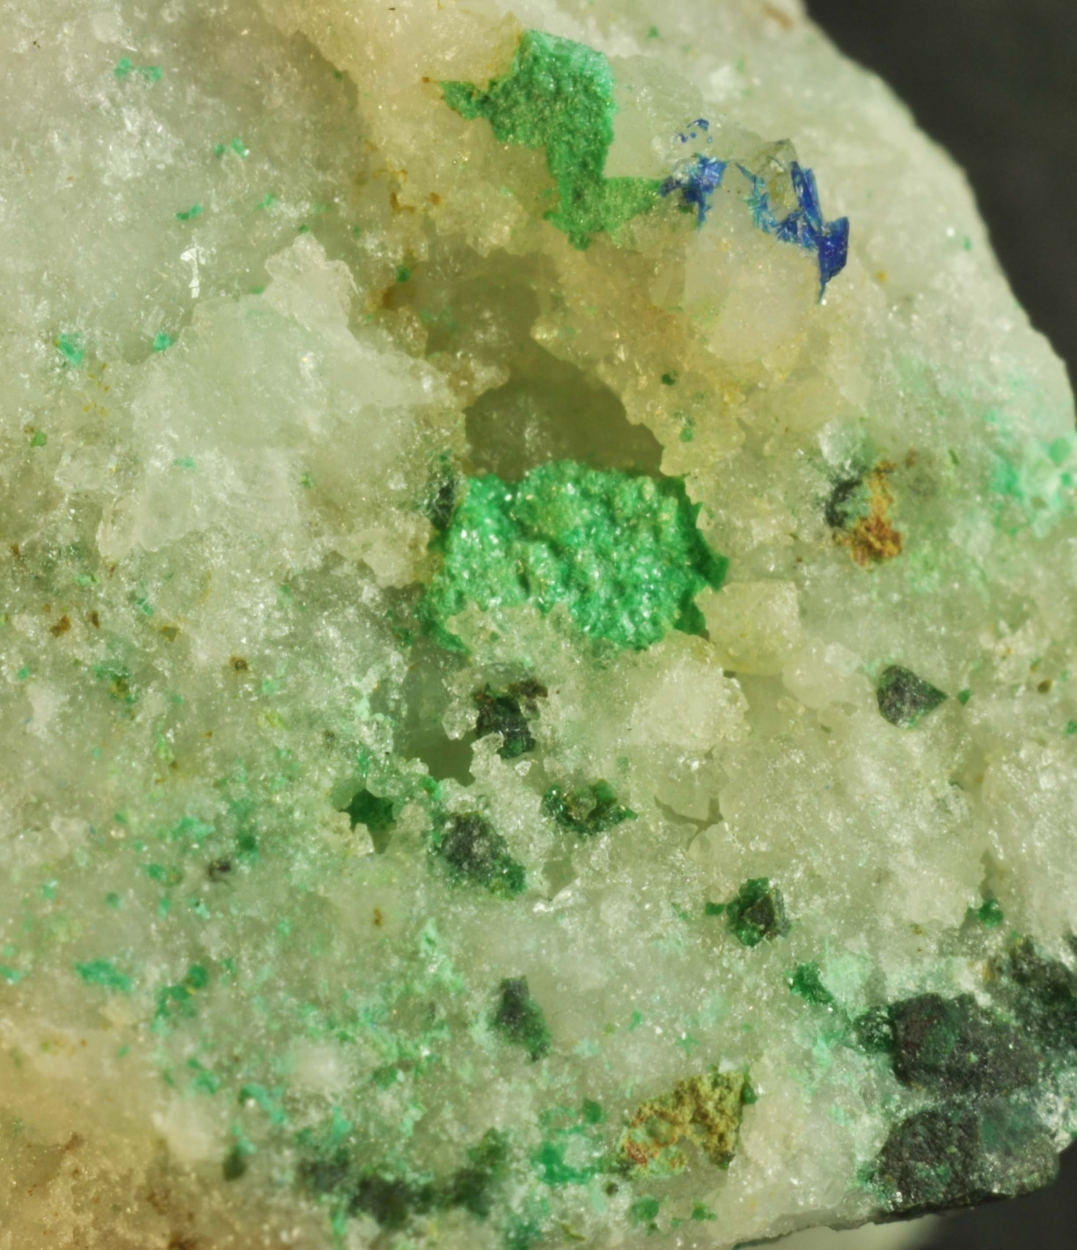 Antlerite